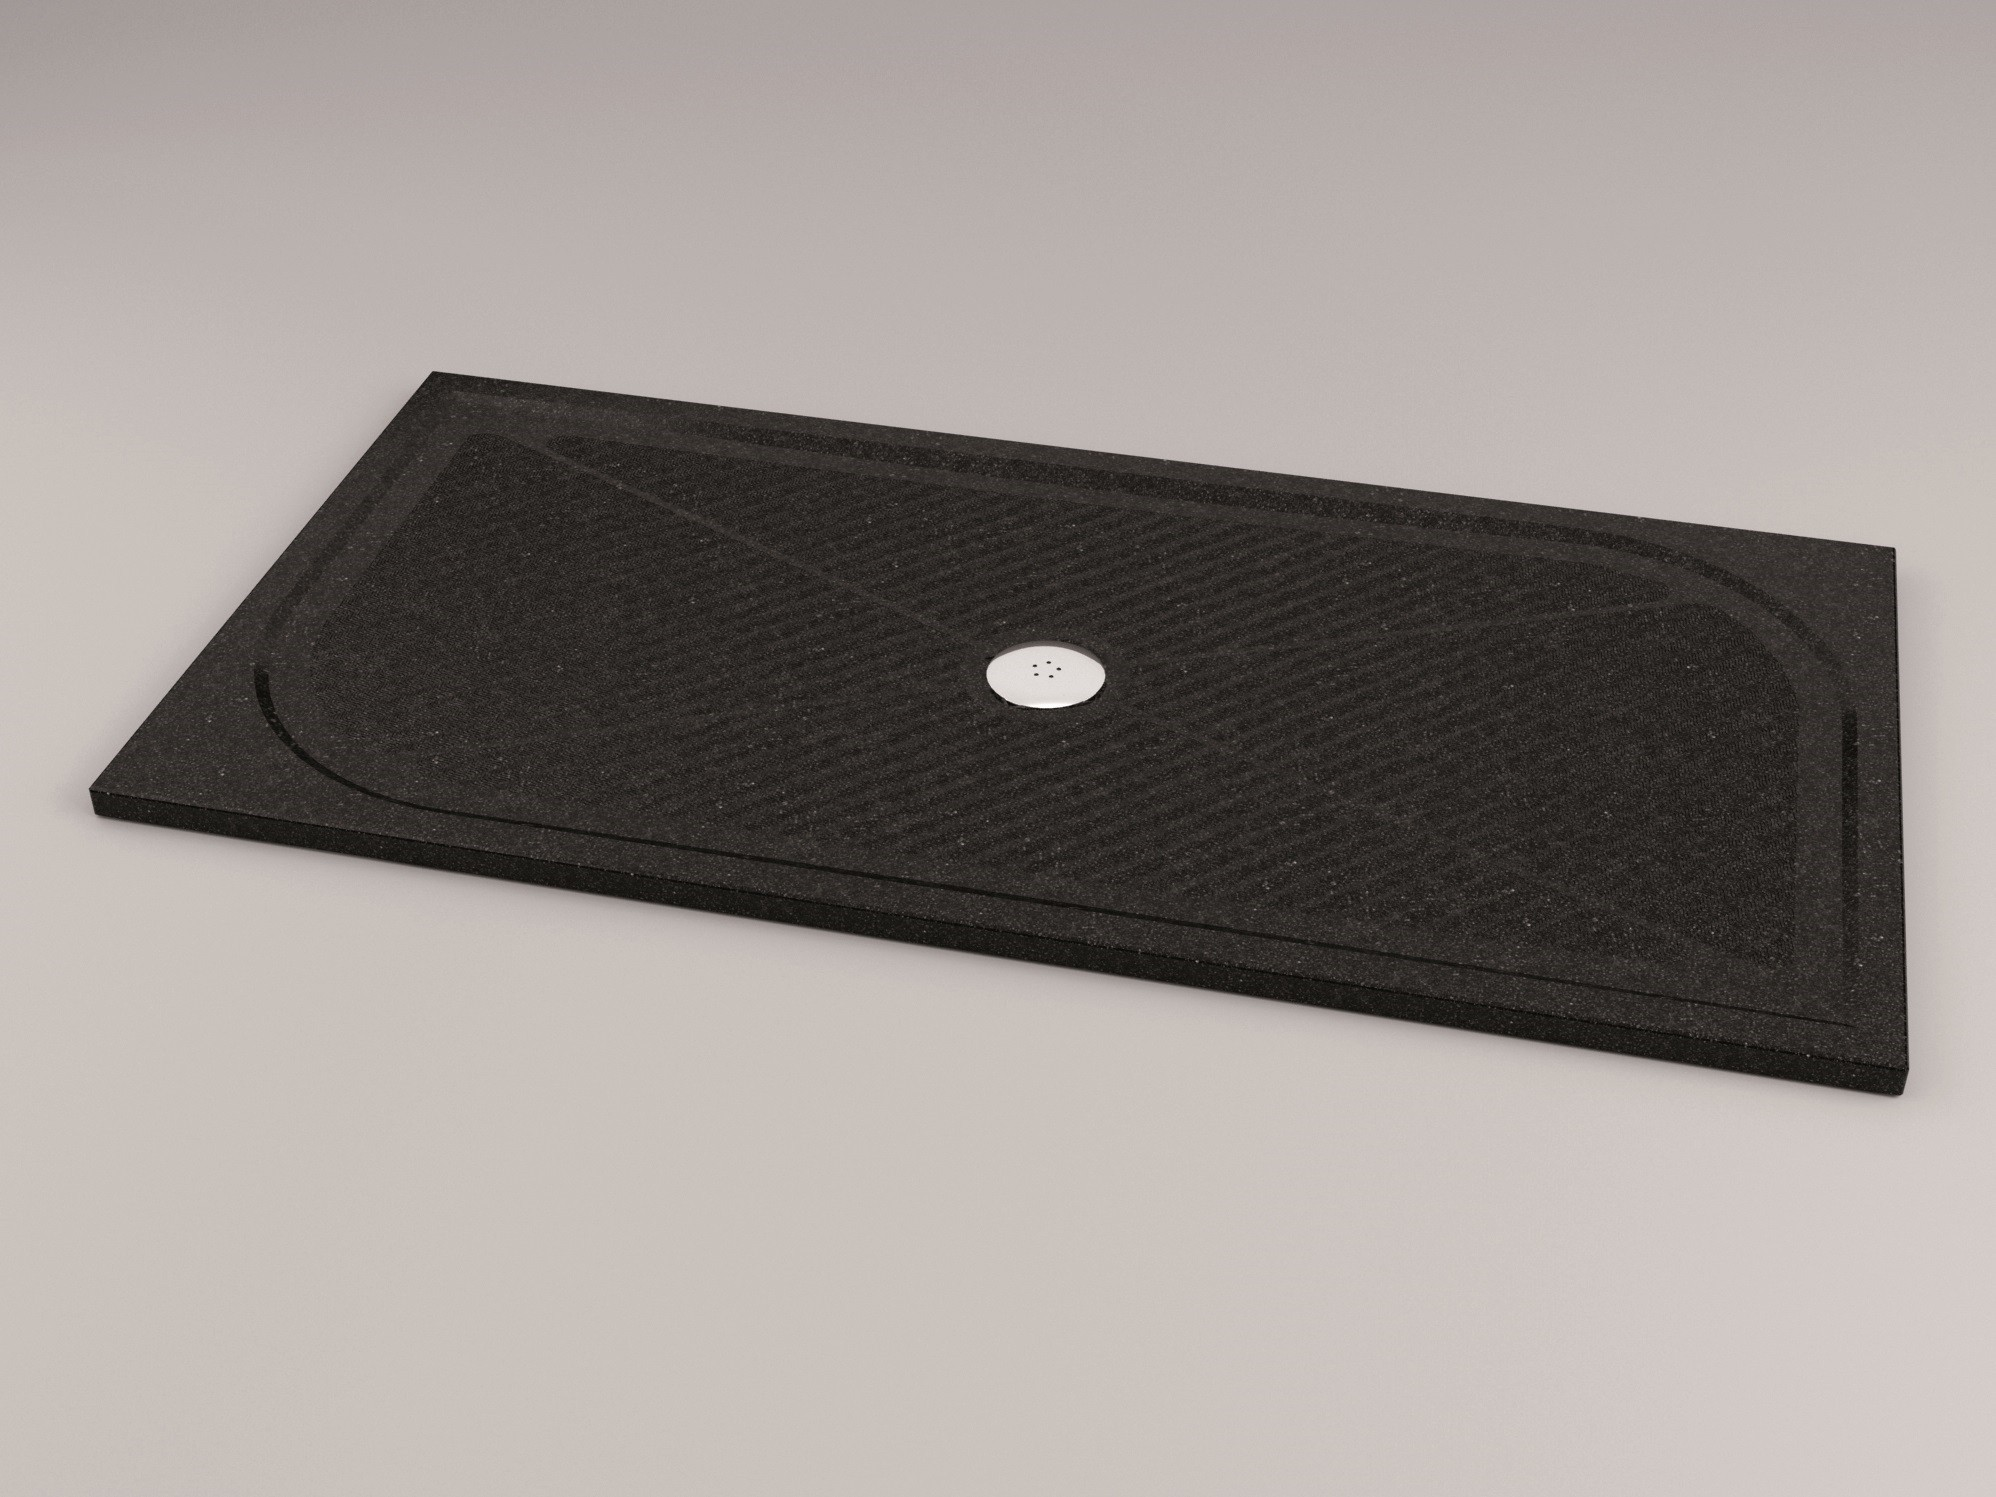 mineralguss duschwanne 120 x 90 x 1 5 cm duschwanne duschtasse rechteck rechteckduschwanne 120. Black Bedroom Furniture Sets. Home Design Ideas